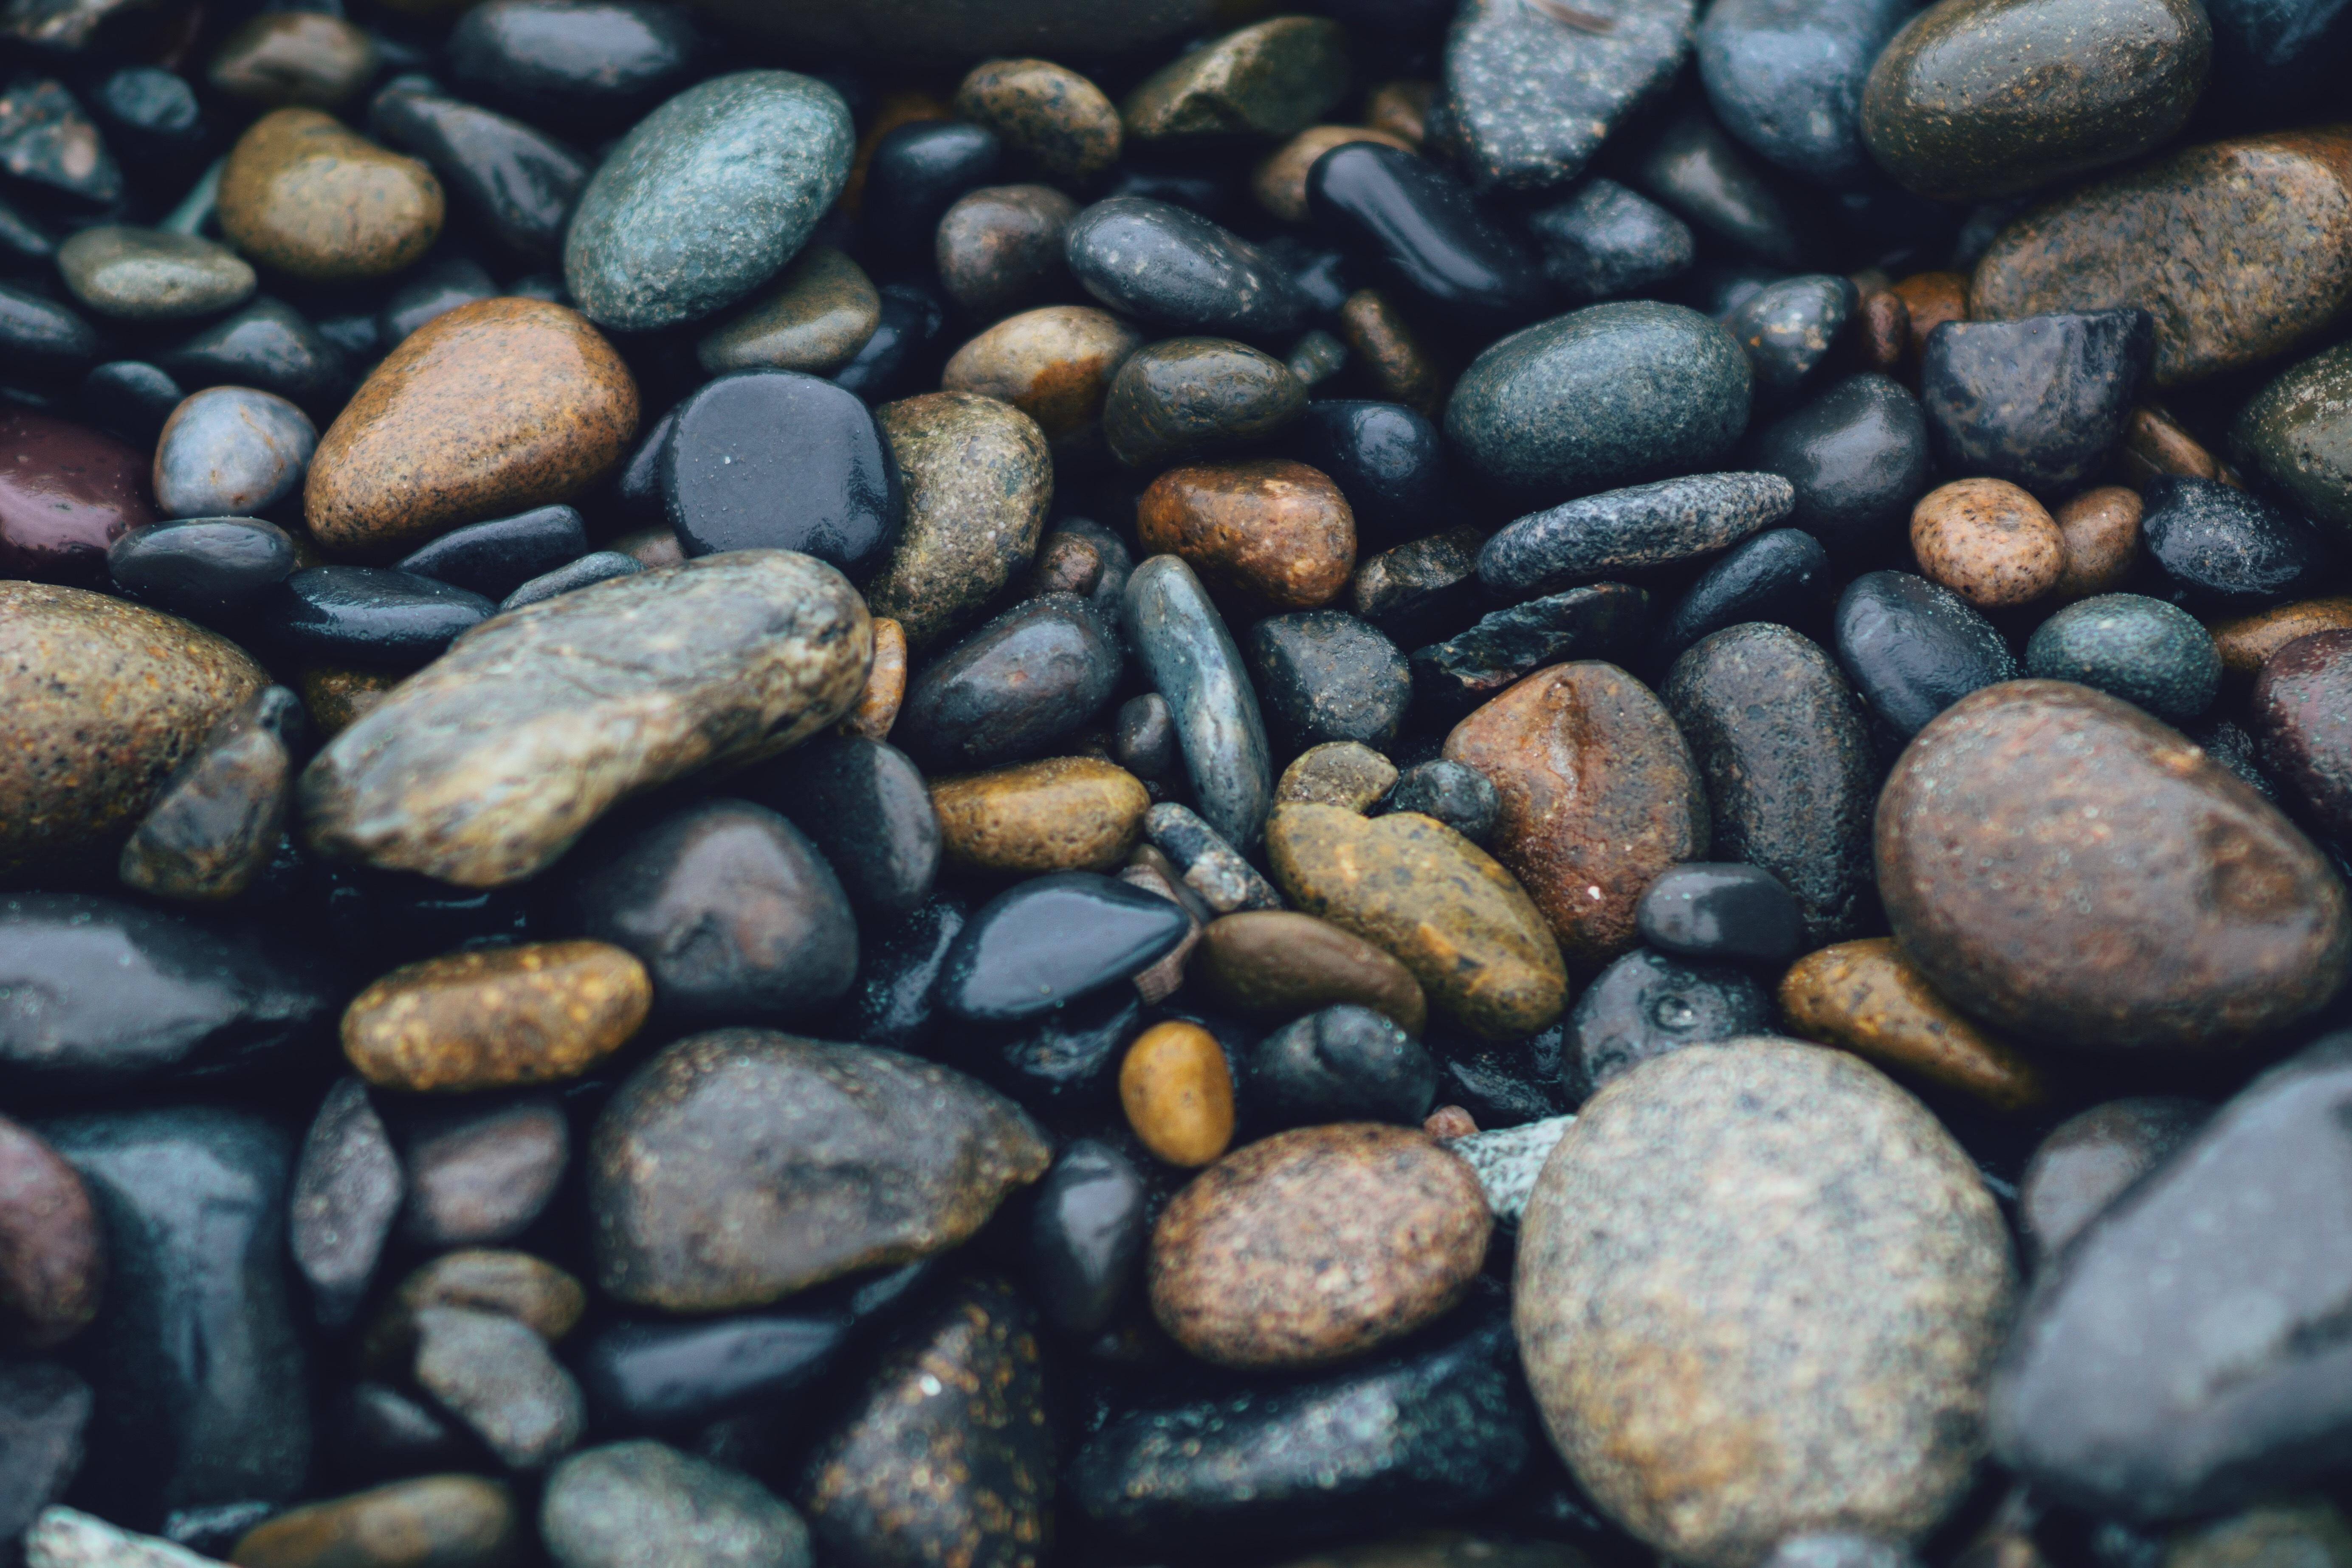 83970 Hintergrundbild 720x1280 kostenlos auf deinem Handy, lade Bilder Natur, Stones, Sea, Glatt, Oberfläche 720x1280 auf dein Handy herunter